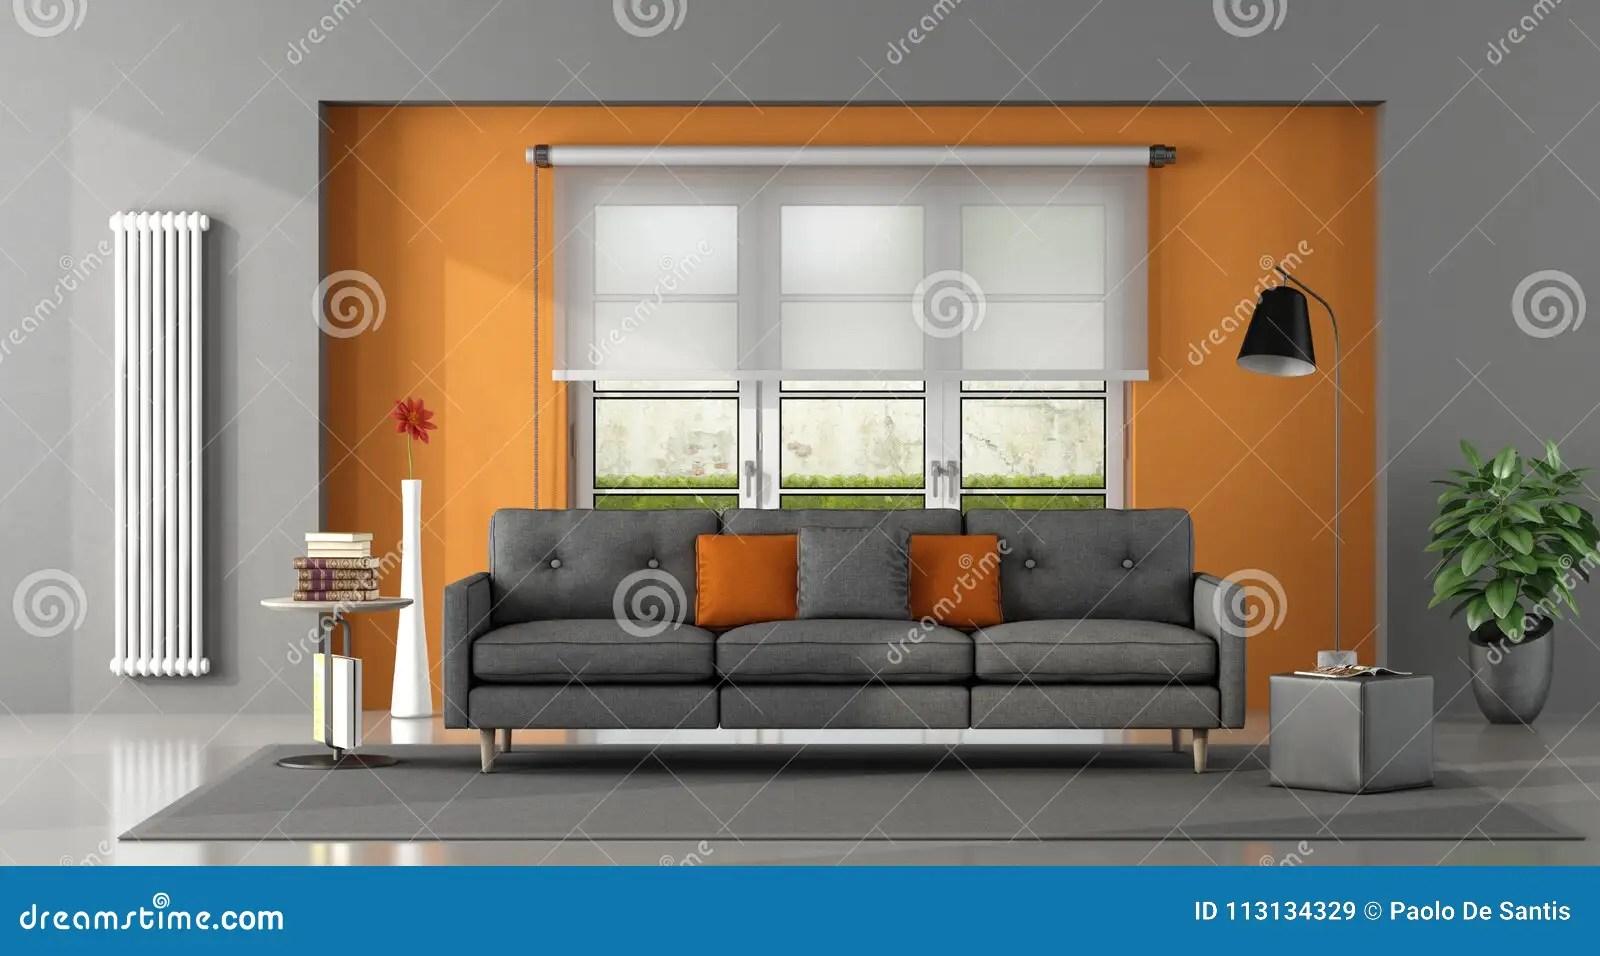 orange kitchen rug best undermount sink 灰色橙色客厅库存例证 插画包括有地毯 室内 典雅 投反对票 脚凳 有沙发和窗口的灰色橙色客厅在背景 3d翻译